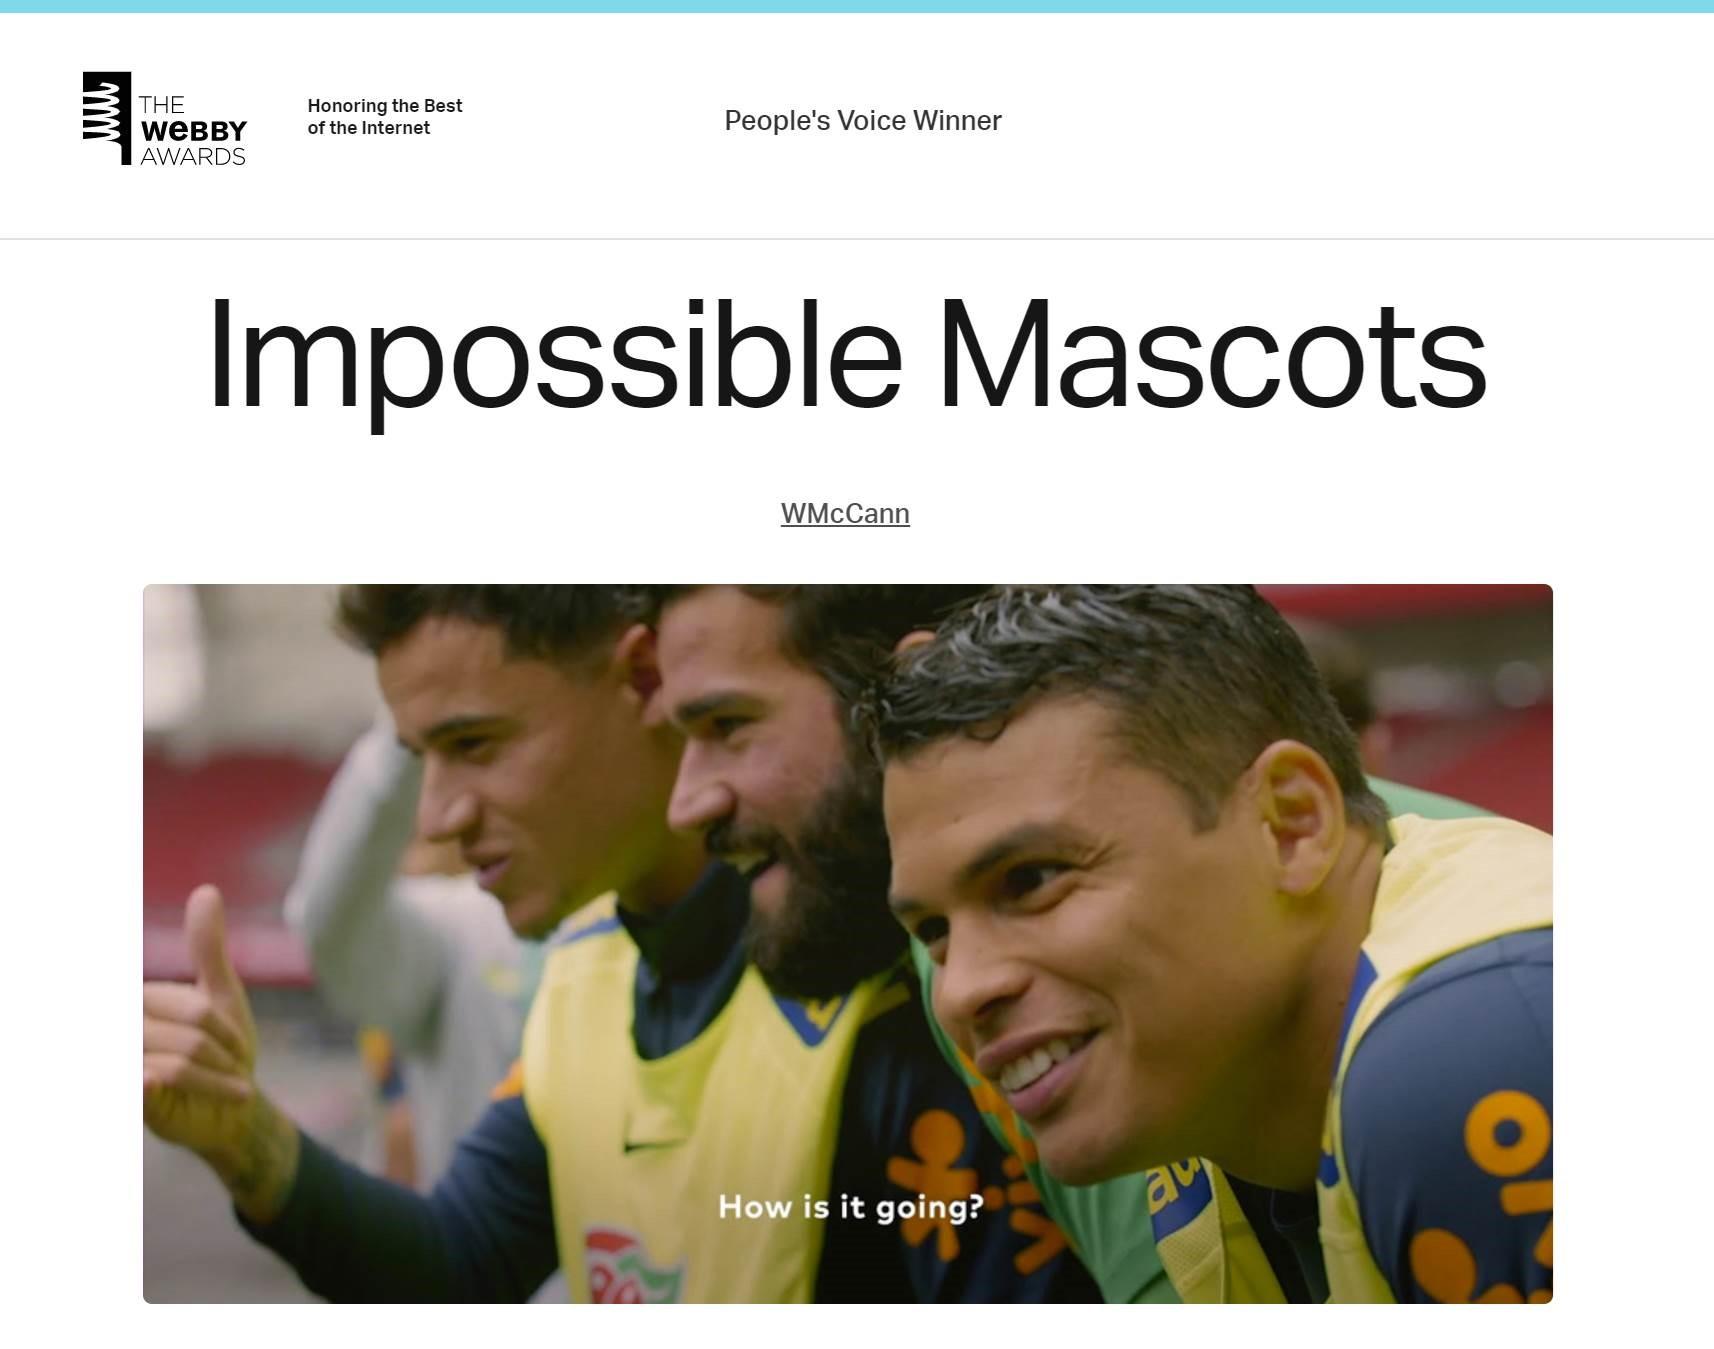 """Foto do site do prêmio """"The Webby Awards"""", com os dizeres """"People's Voice Winner"""", """"Impossible Mascots"""", e a imagem dos jogadores da seleção brasileira durante a ação realizada no jogo amistoso."""